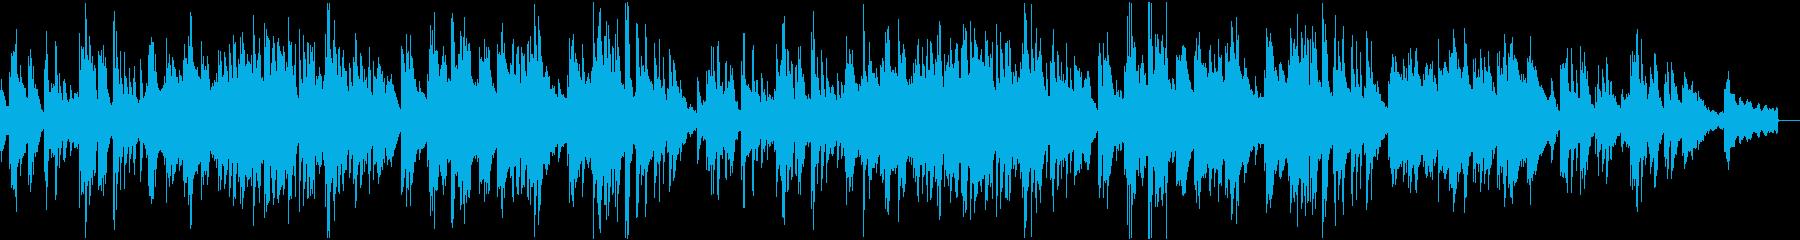 ナレーションによく合うエレピソロバラードの再生済みの波形